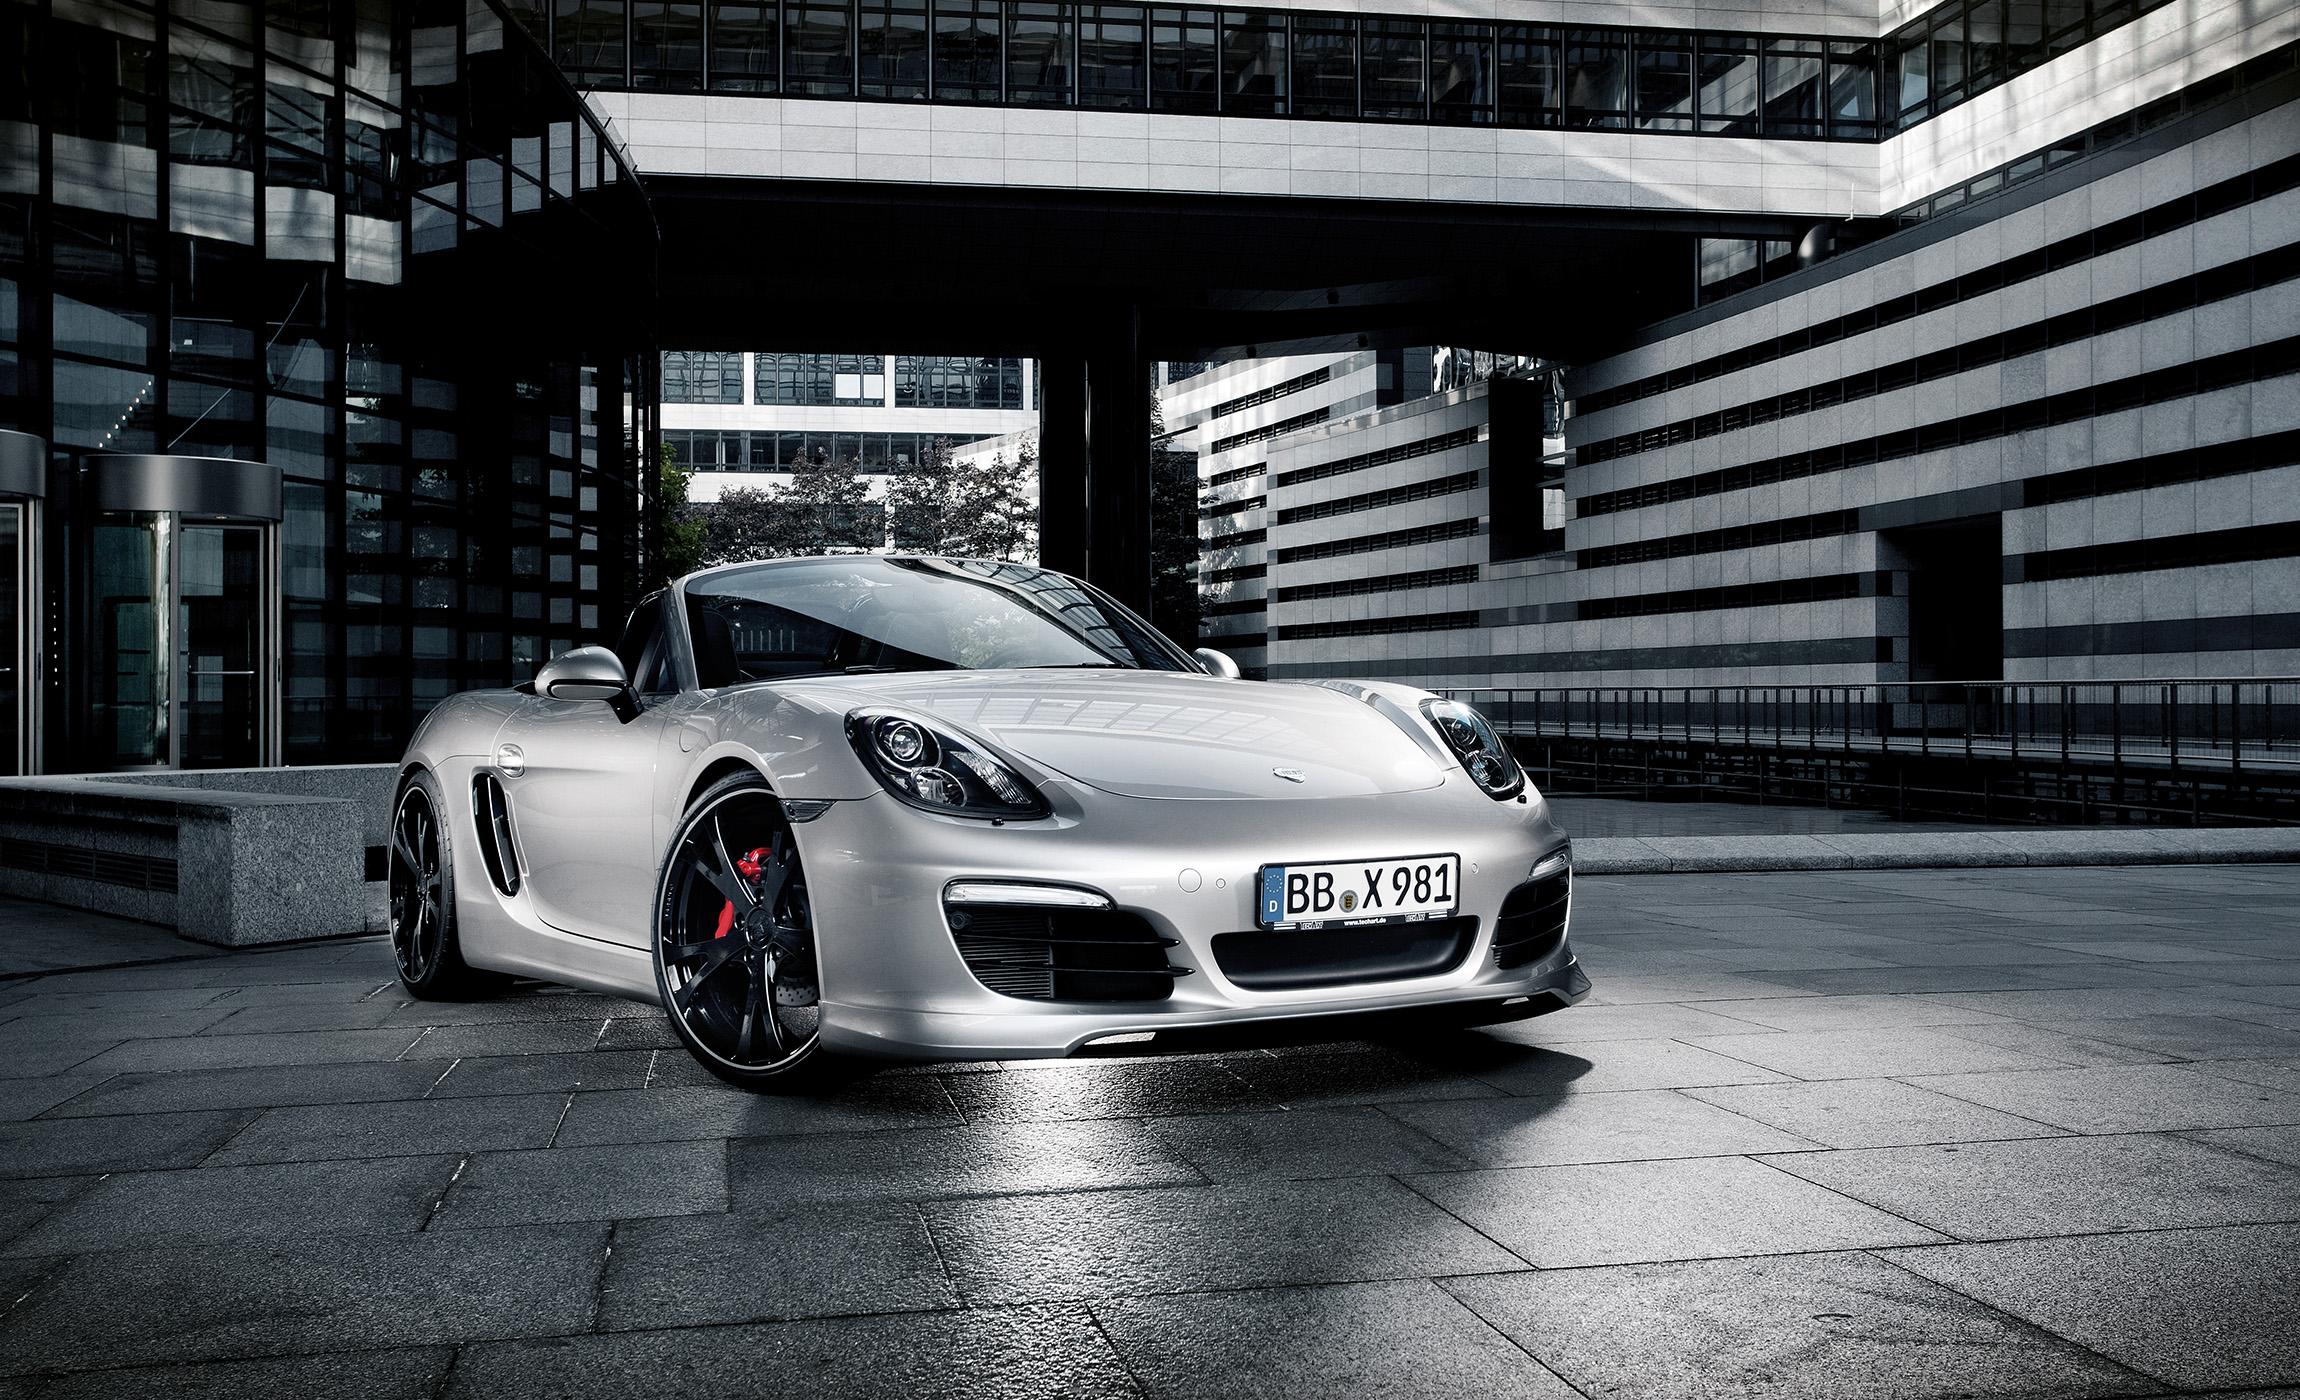 TechArt laat eigen versie Porsche Boxster zien in Essen